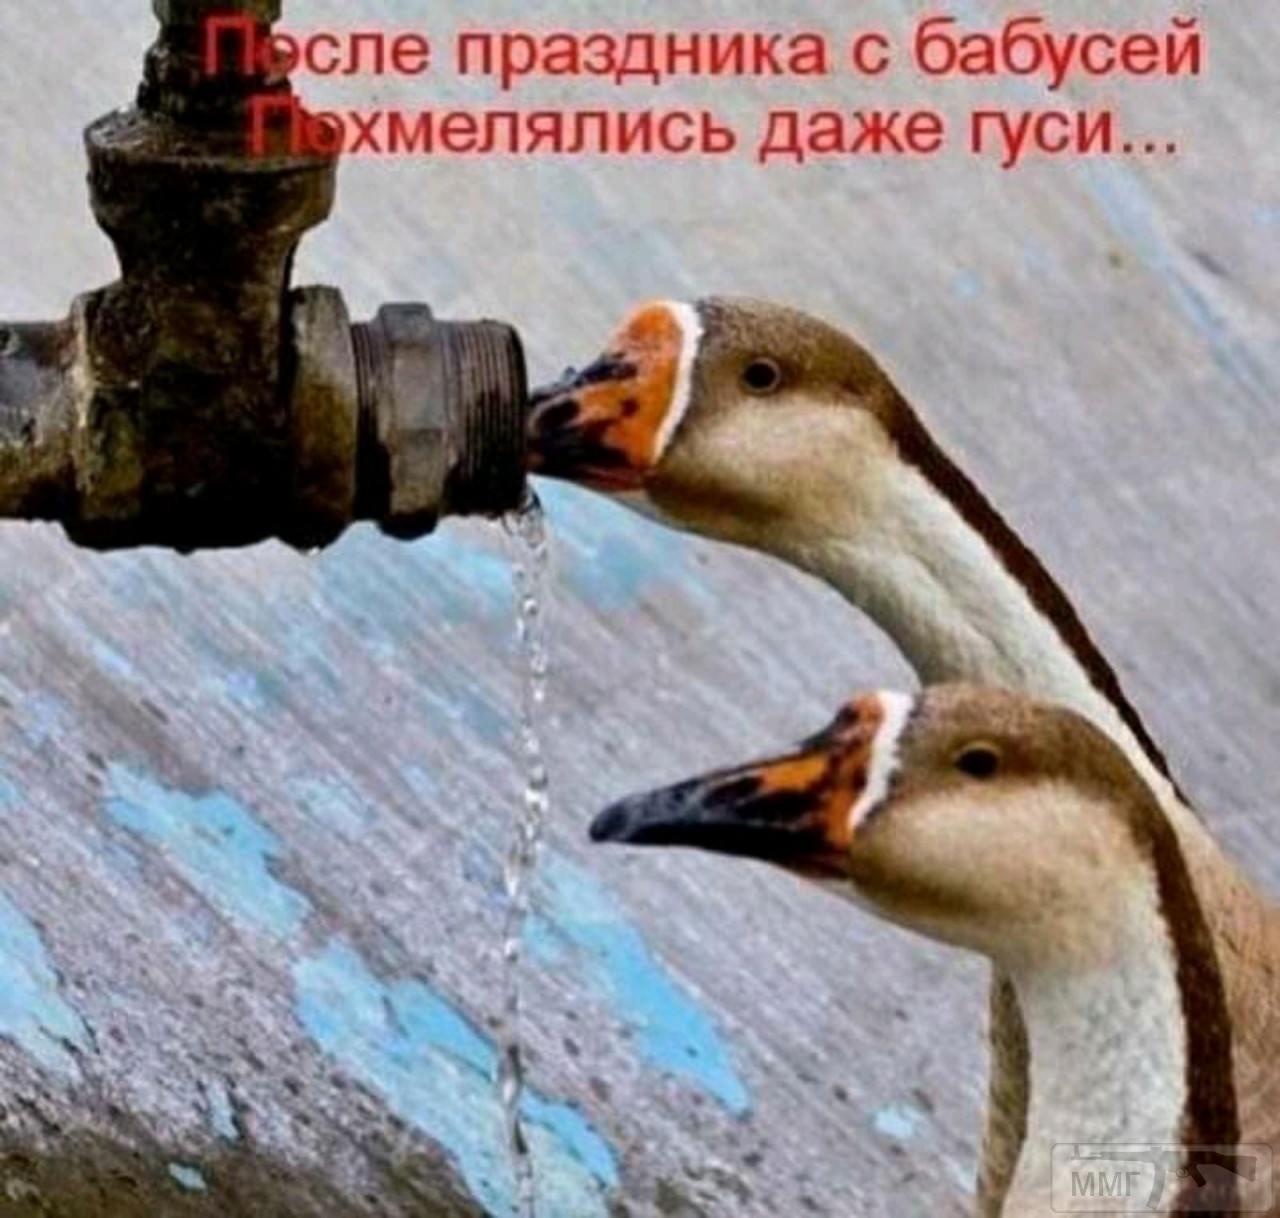 104936 - Пить или не пить? - пятничная алкогольная тема )))